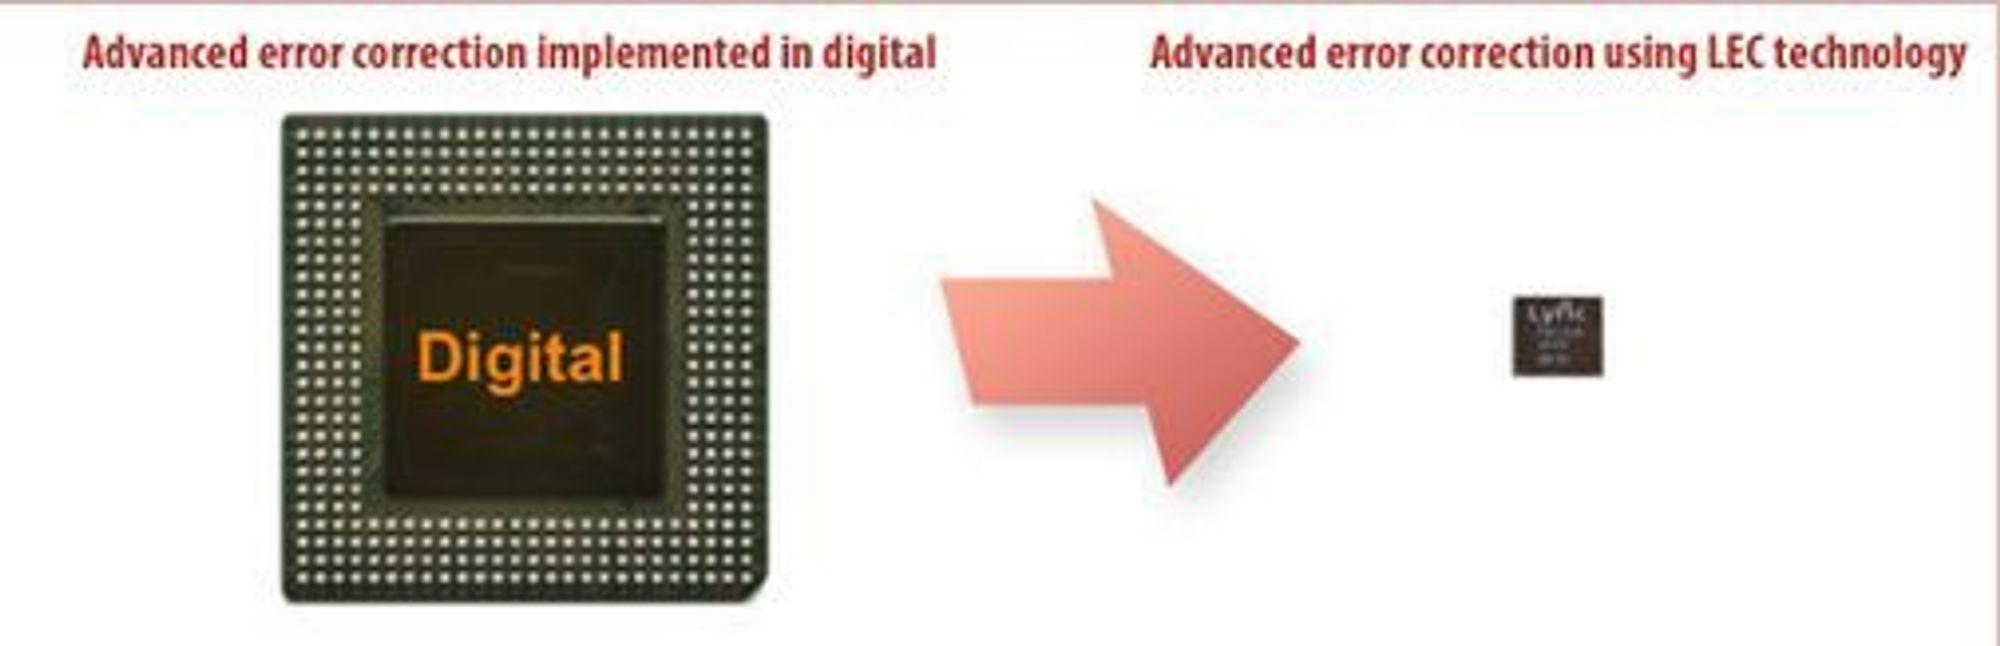 En størrelsesforskjell på mikrobrikker som kan få stor betydning ved feilkorrigering av data i flashminne.